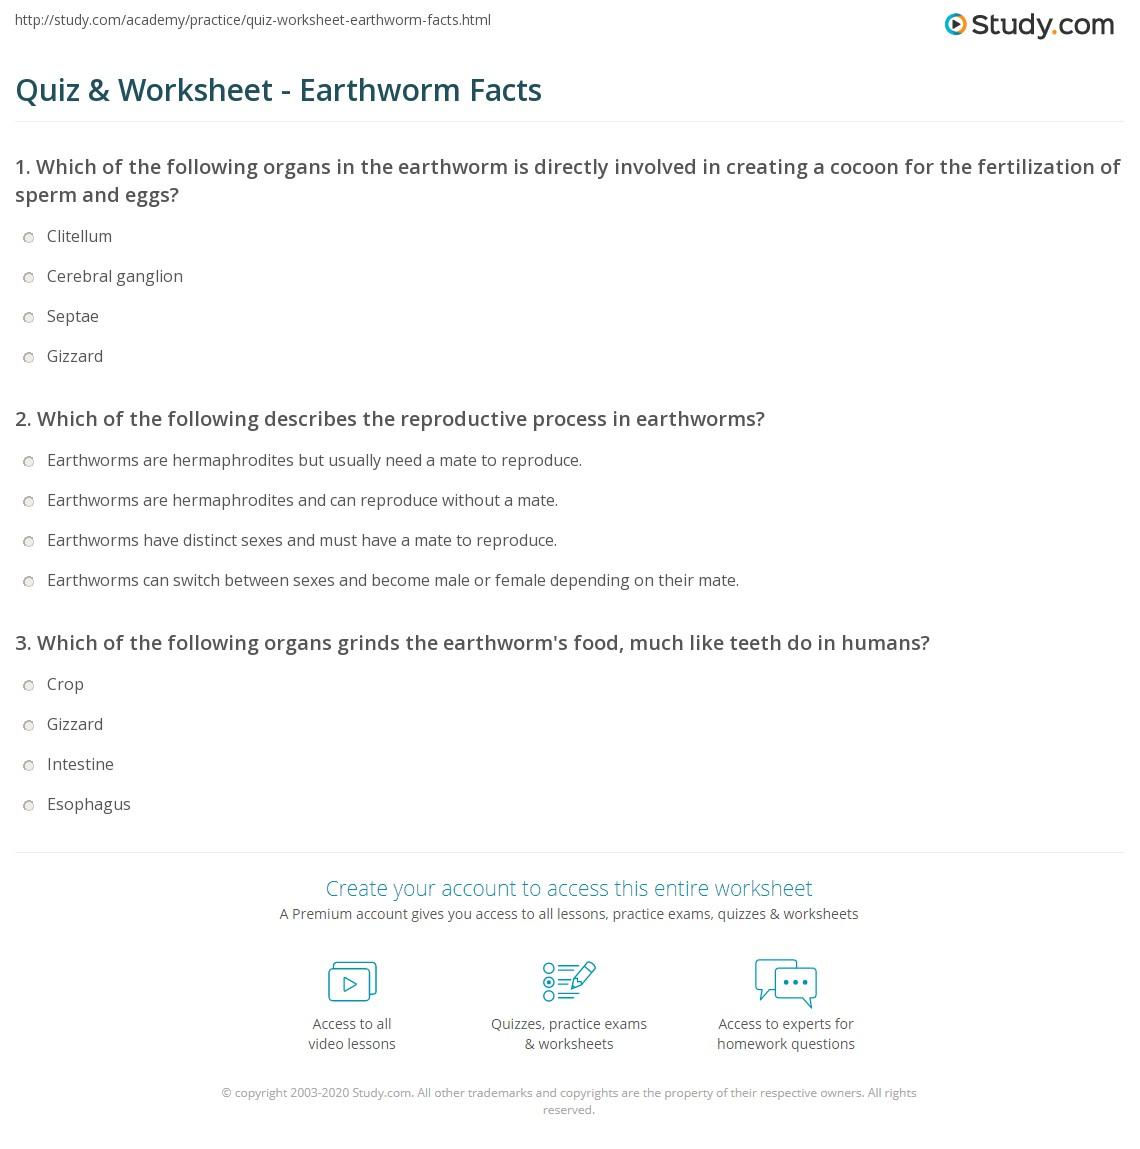 Quiz & Worksheet - Earthworm Facts | Study.com